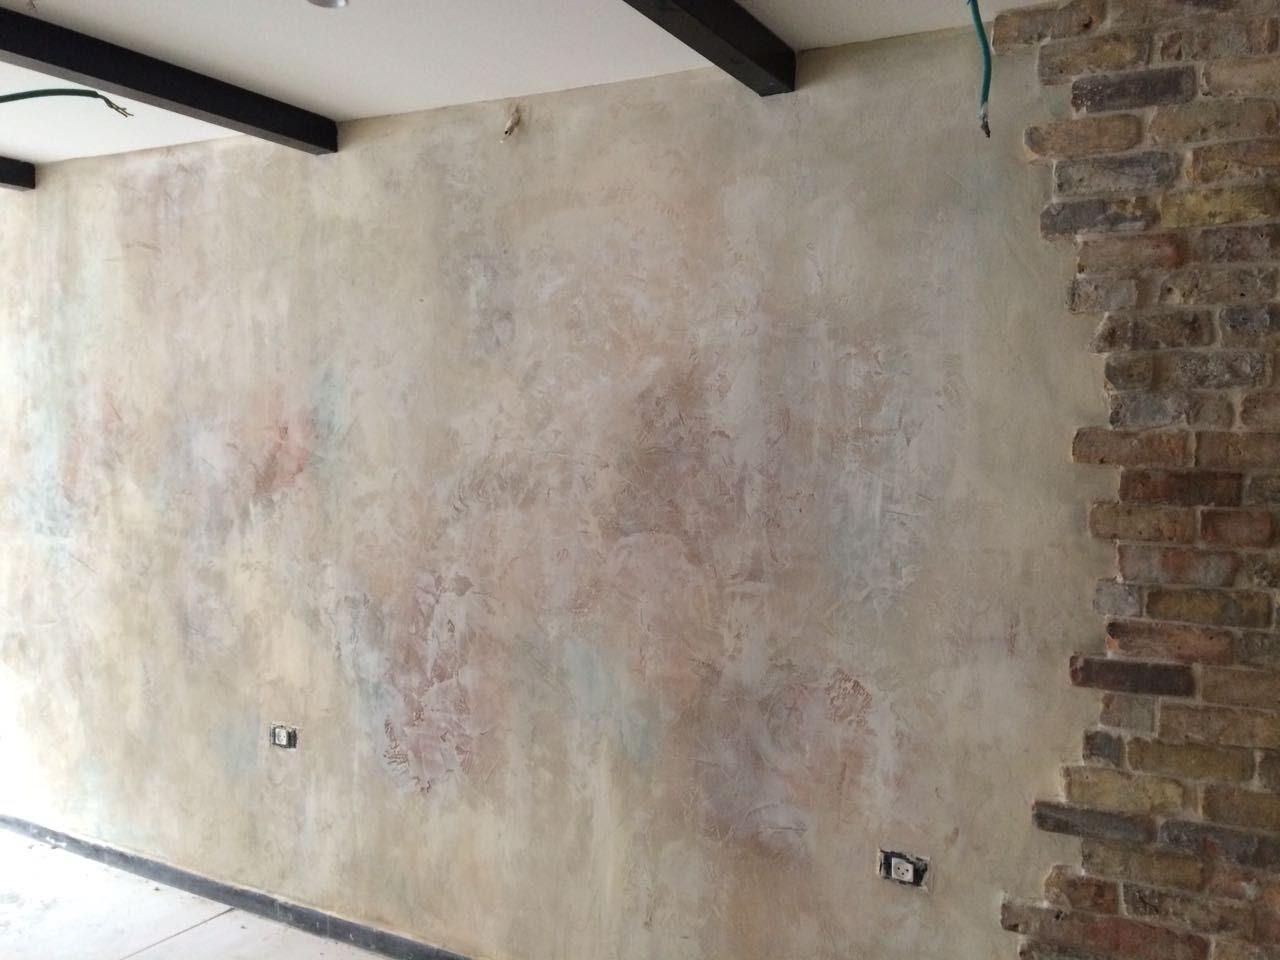 עיצוב קיר בטכניקת peeling wall